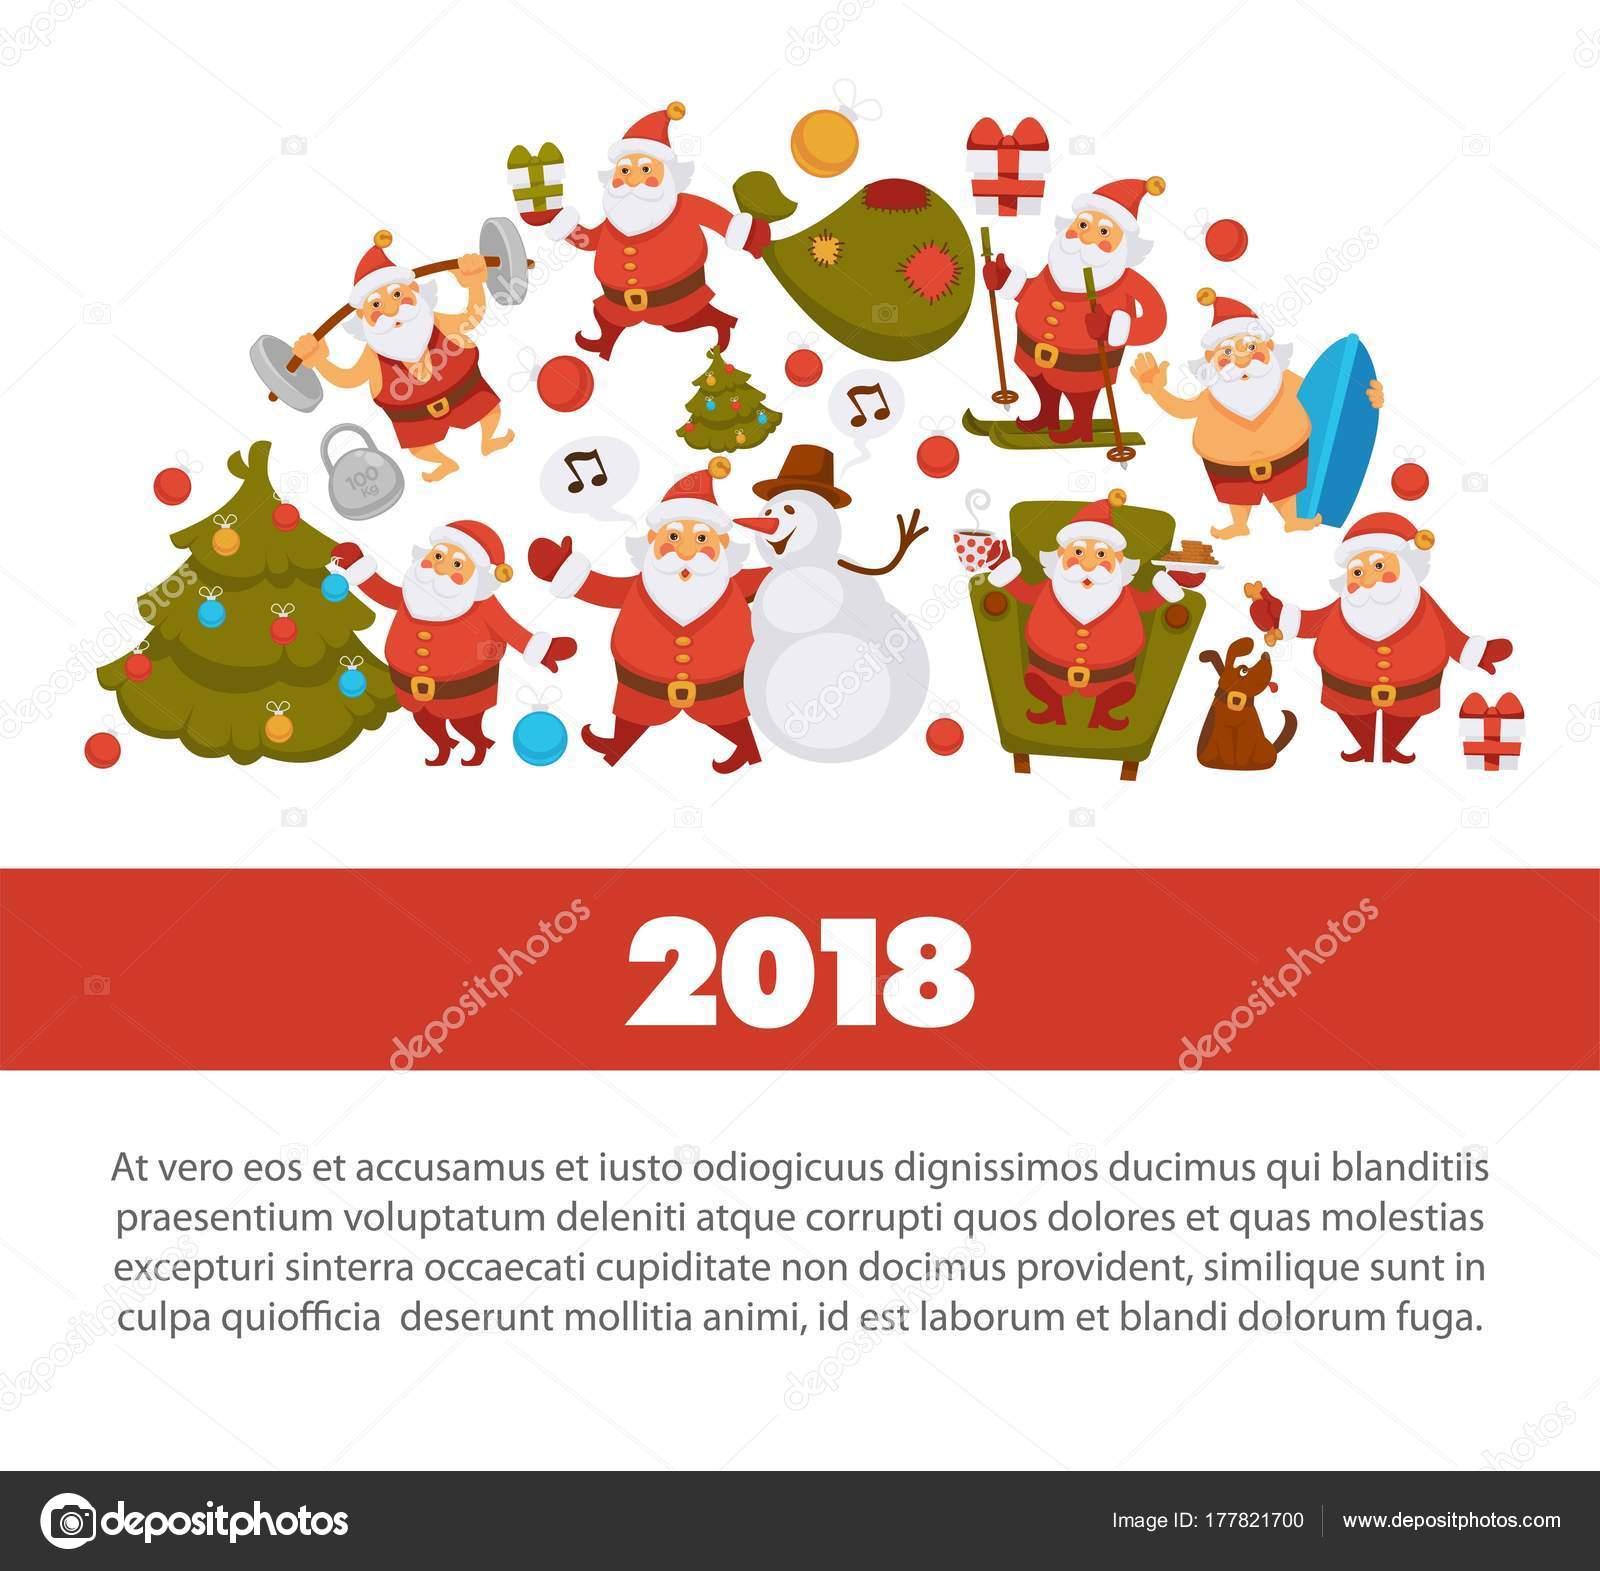 cb3a35253 ... lidových krojích, sportovní oblek a plavky, sněhulák v klobouku,  vyzdobený vánoční strom, dárkové krabičky s lukem a roztomilý pes vektorové  ilustrace.